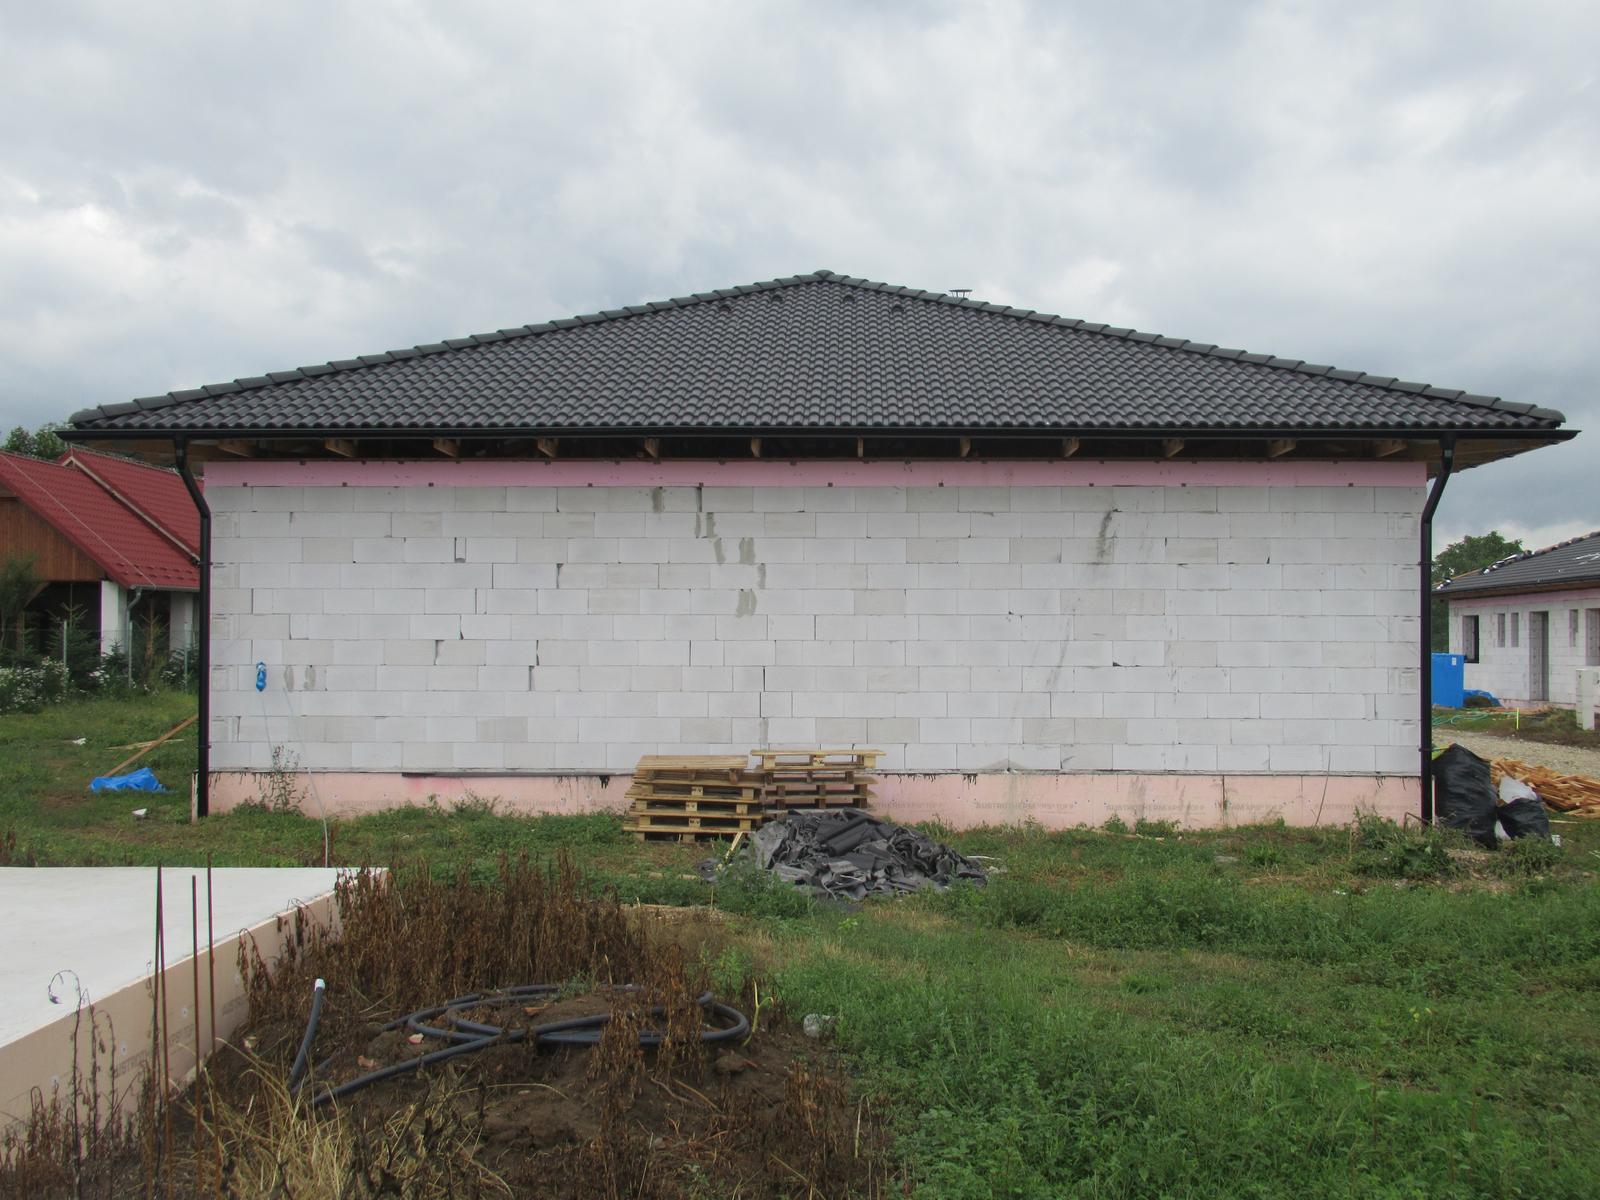 Väzníková strecha na kľúč s krytinou Terran Danubia EVO Carbon Horná Seč okr. Levice - Obrázok č. 3